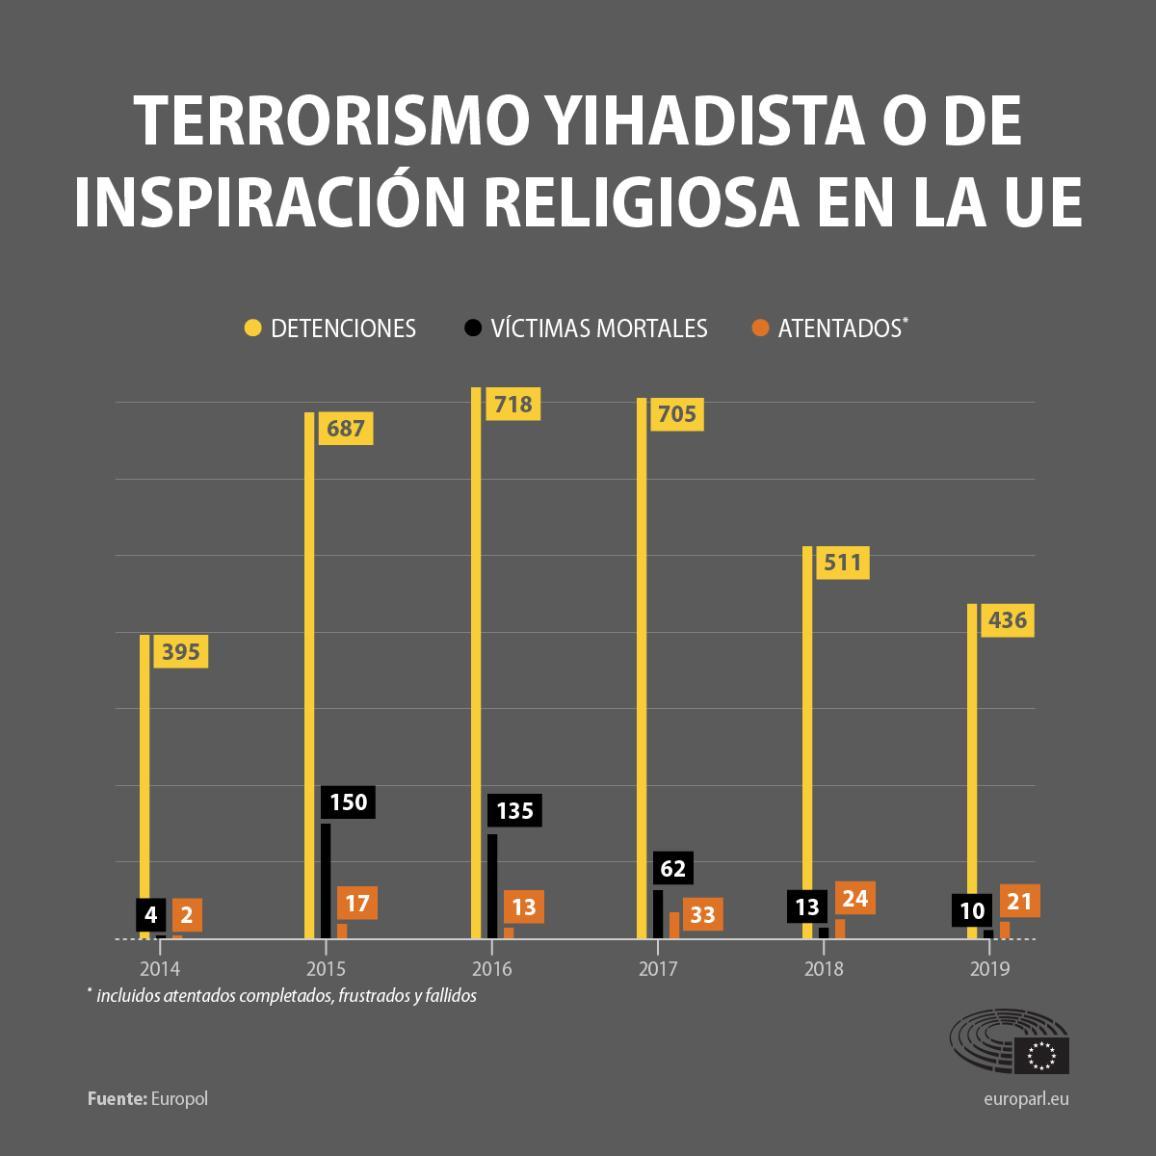 Infografía: terrorismo yihadista en la UE desde 2014: ataques, muertes, arrestos (datos de Europol).